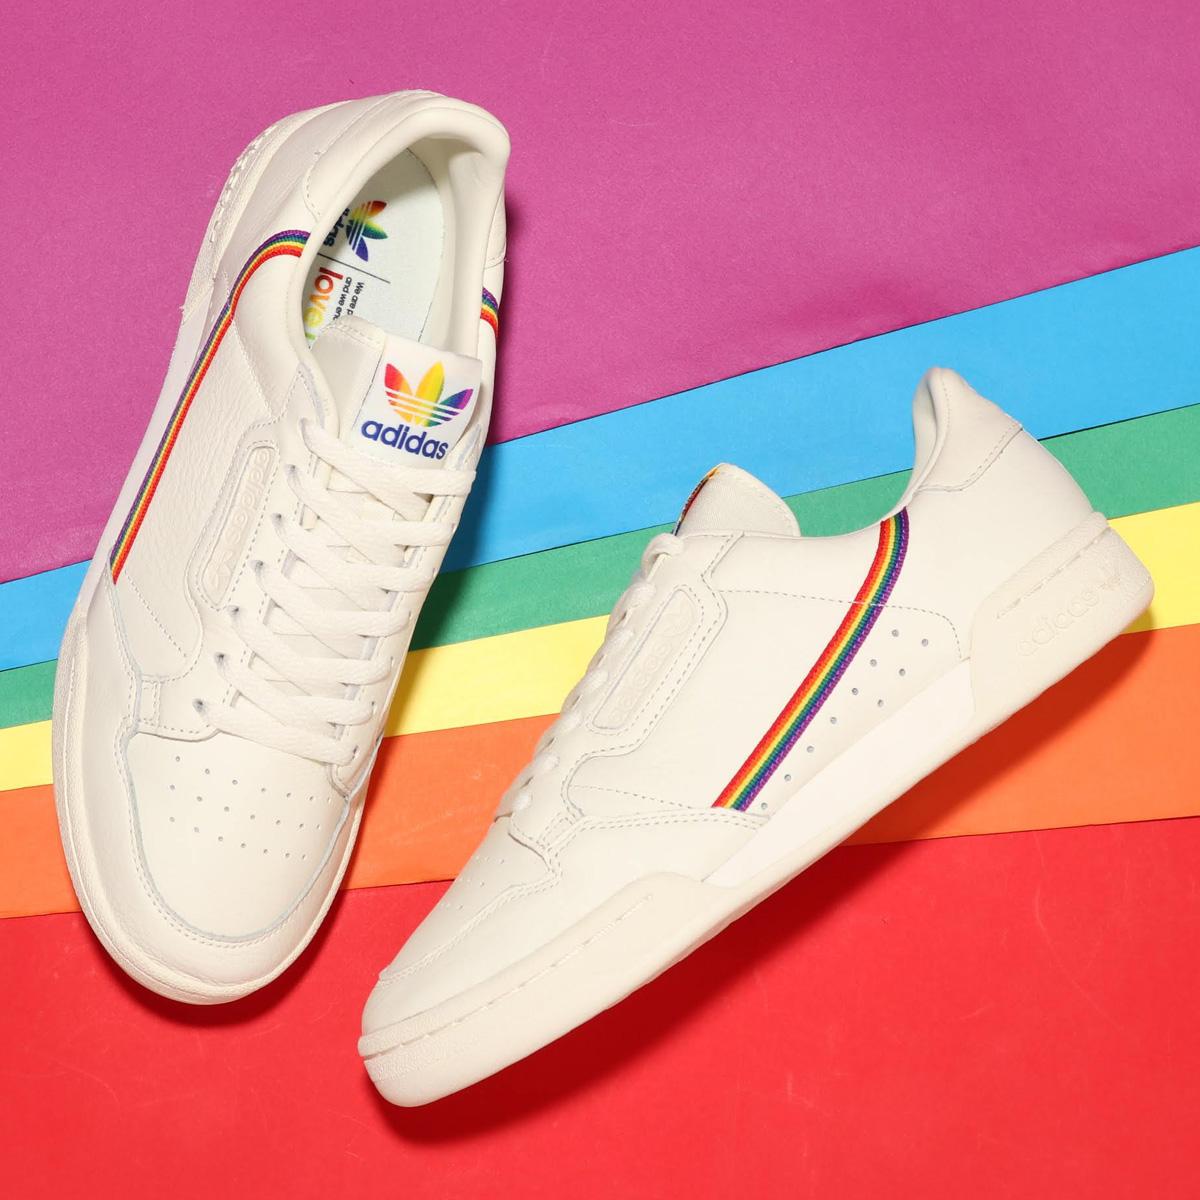 adidas Originals CONTINENTAL 80 PRIDE (Adidas originals Continental 80 pride) OFF WHITEOFF WHITEOFF WHITE 19SS I